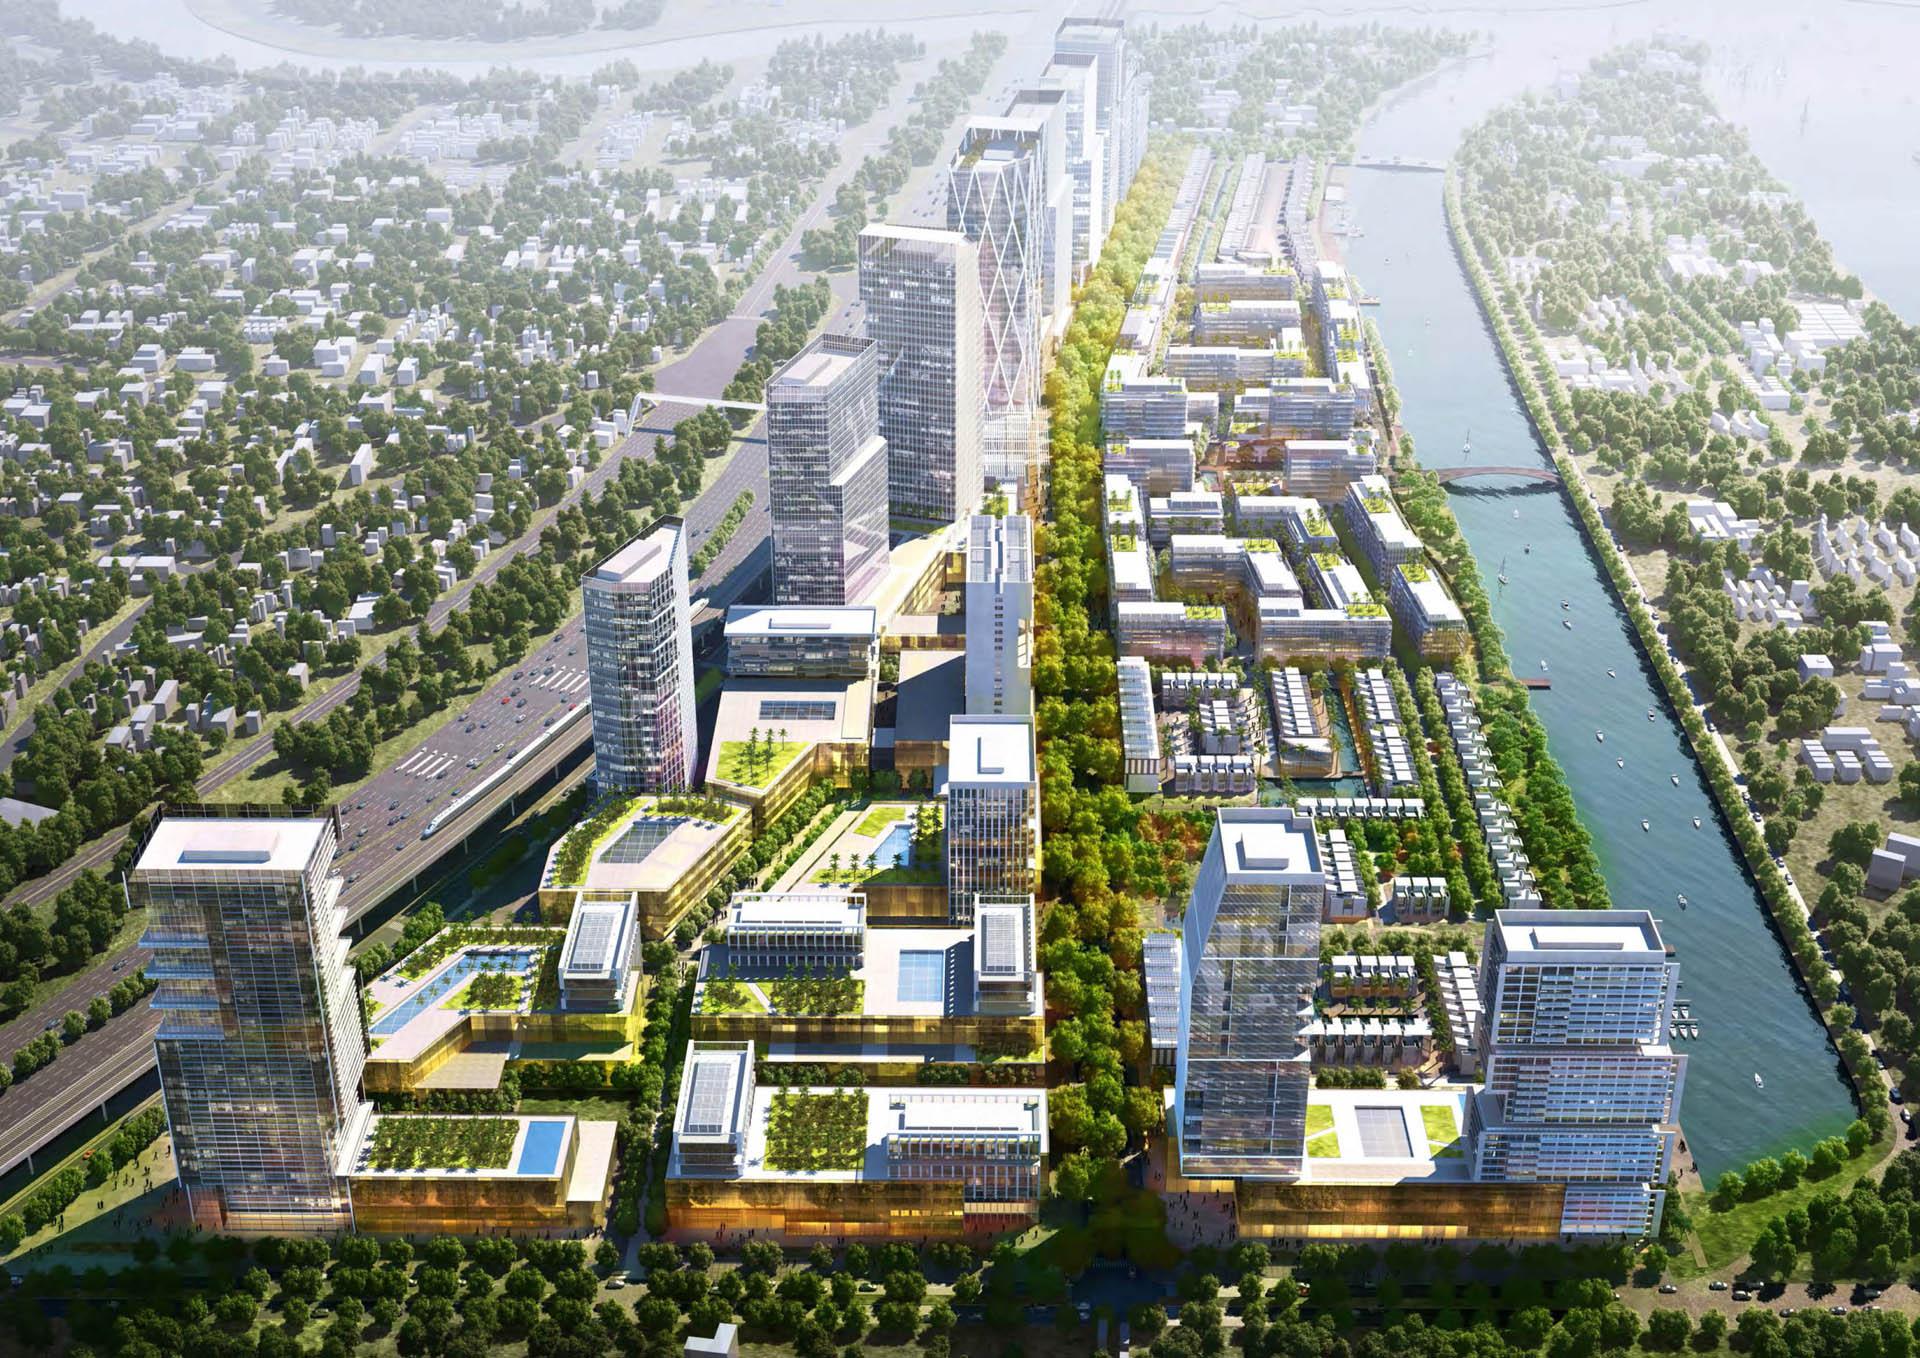 river city thu duc 04 - DỰ ÁN RIVER CITY THỦ ĐỨC - KHU ĐÔ THỊ VICEM HÀ TIÊN